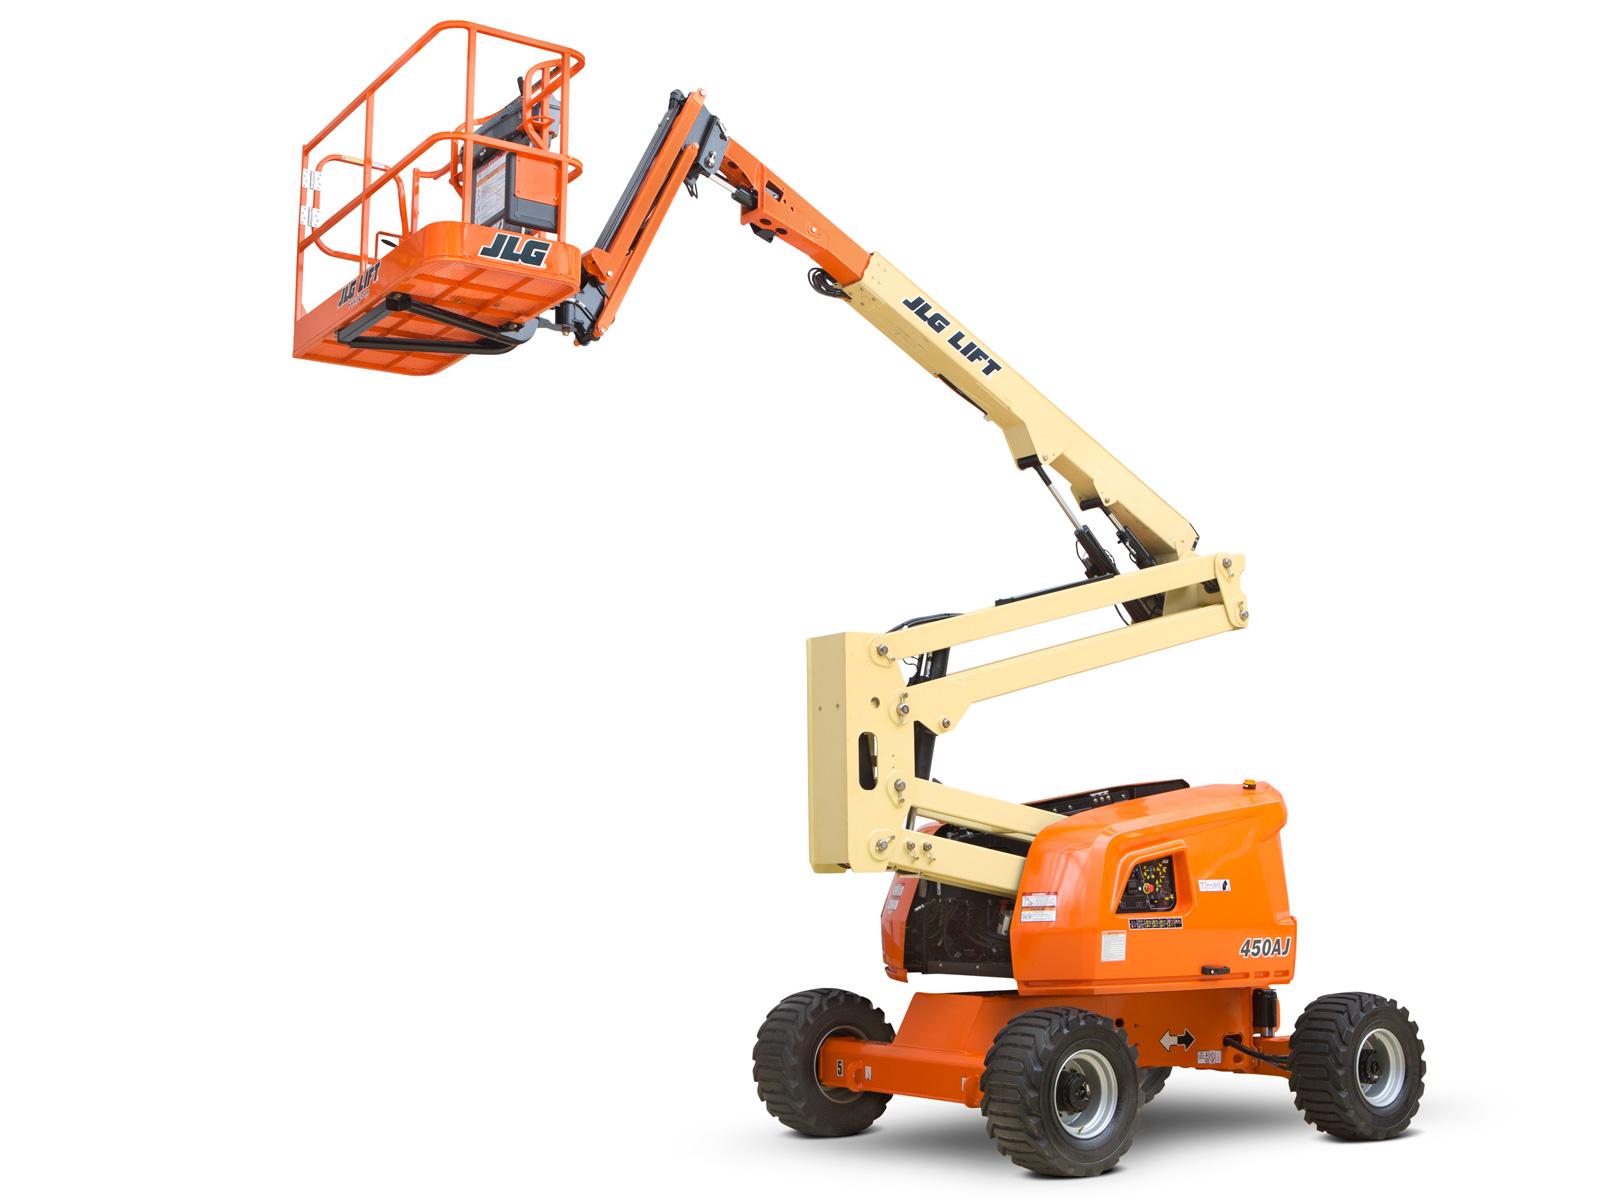 450aj articulating boom lift jlg rh jlg com JLG 600AJ JLG 450AJ Platform